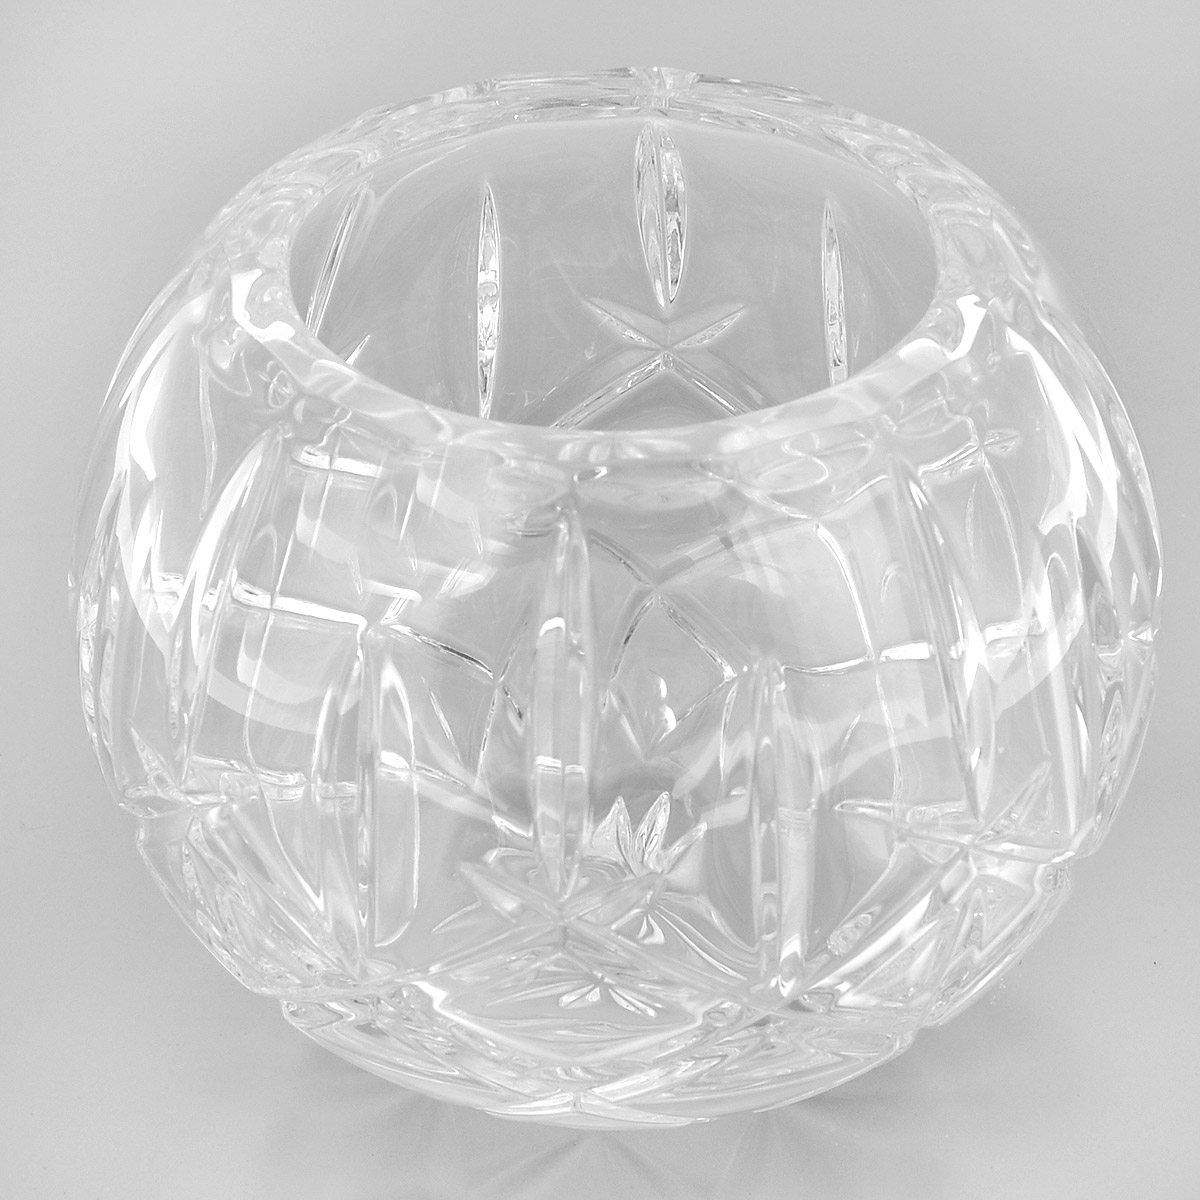 Ваза Crystal Bohemia Шар, диаметр 10 см863631Ваза Crystal Bohemia Шар выполнена из прочного высококачественного хрусталя и декорирована рельефом. Она излучает приятный блеск и издает мелодичный звон. Ваза сочетает в себе изысканный дизайн с максимальной функциональностью. Ваза не только украсит дом и подчеркнет ваш прекрасный вкус, но и станет отличным подарком.Высота: 14 см.Диаметр по верхнему краю: 10 см.Диаметр основания: 7 см.